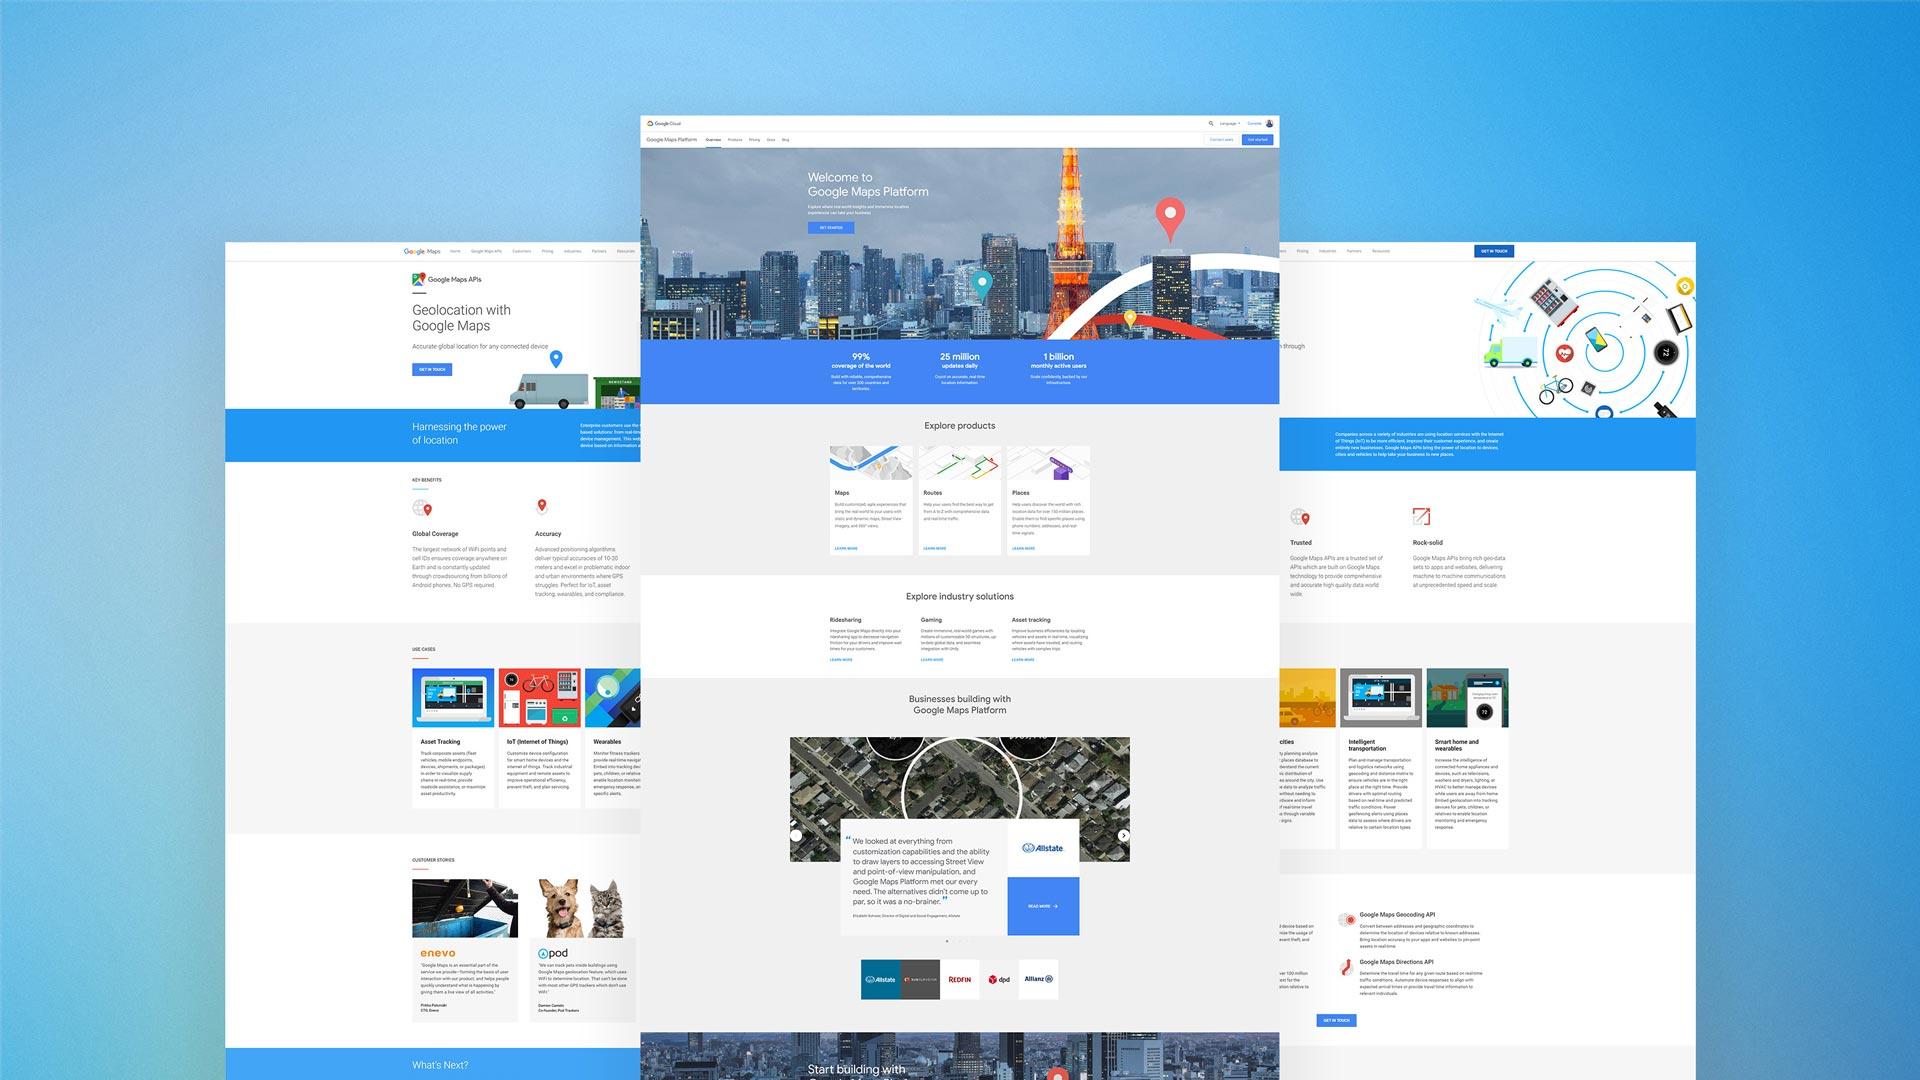 google maps web page interface